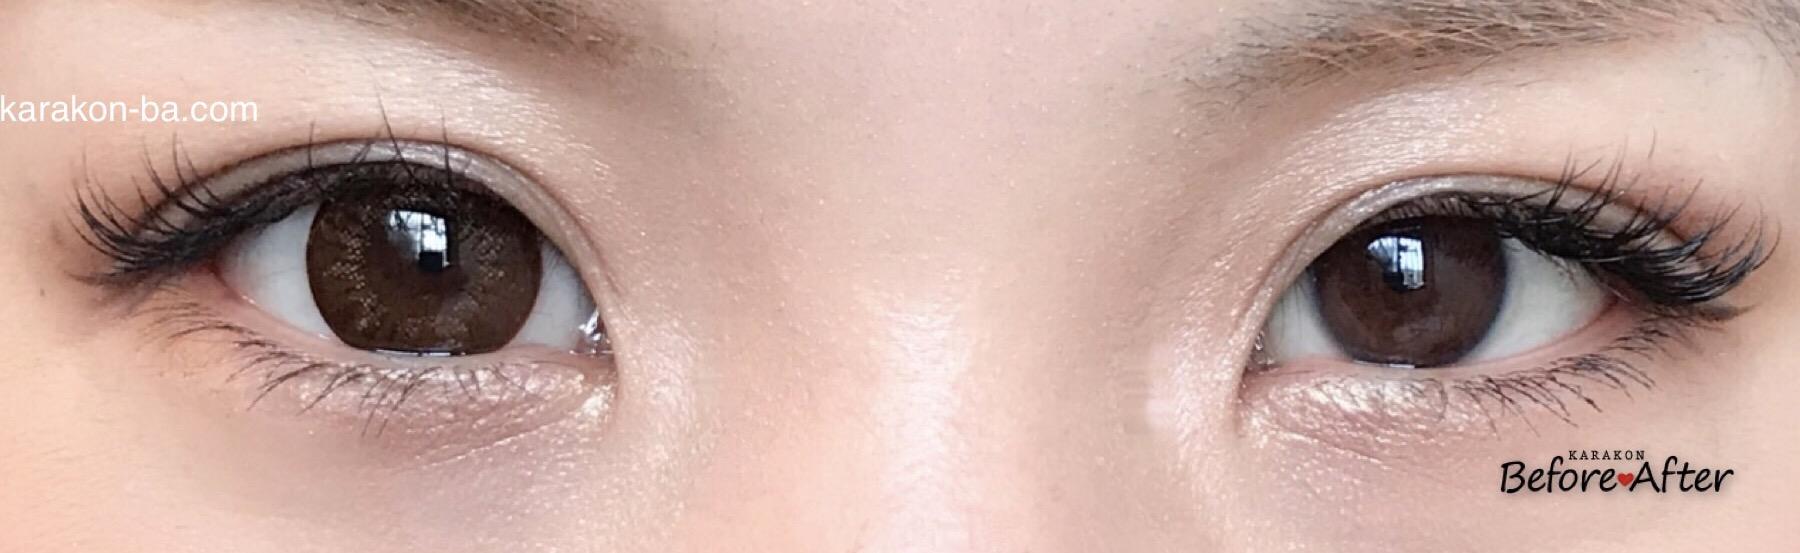 プリモブラウン装着画像/両目で比較